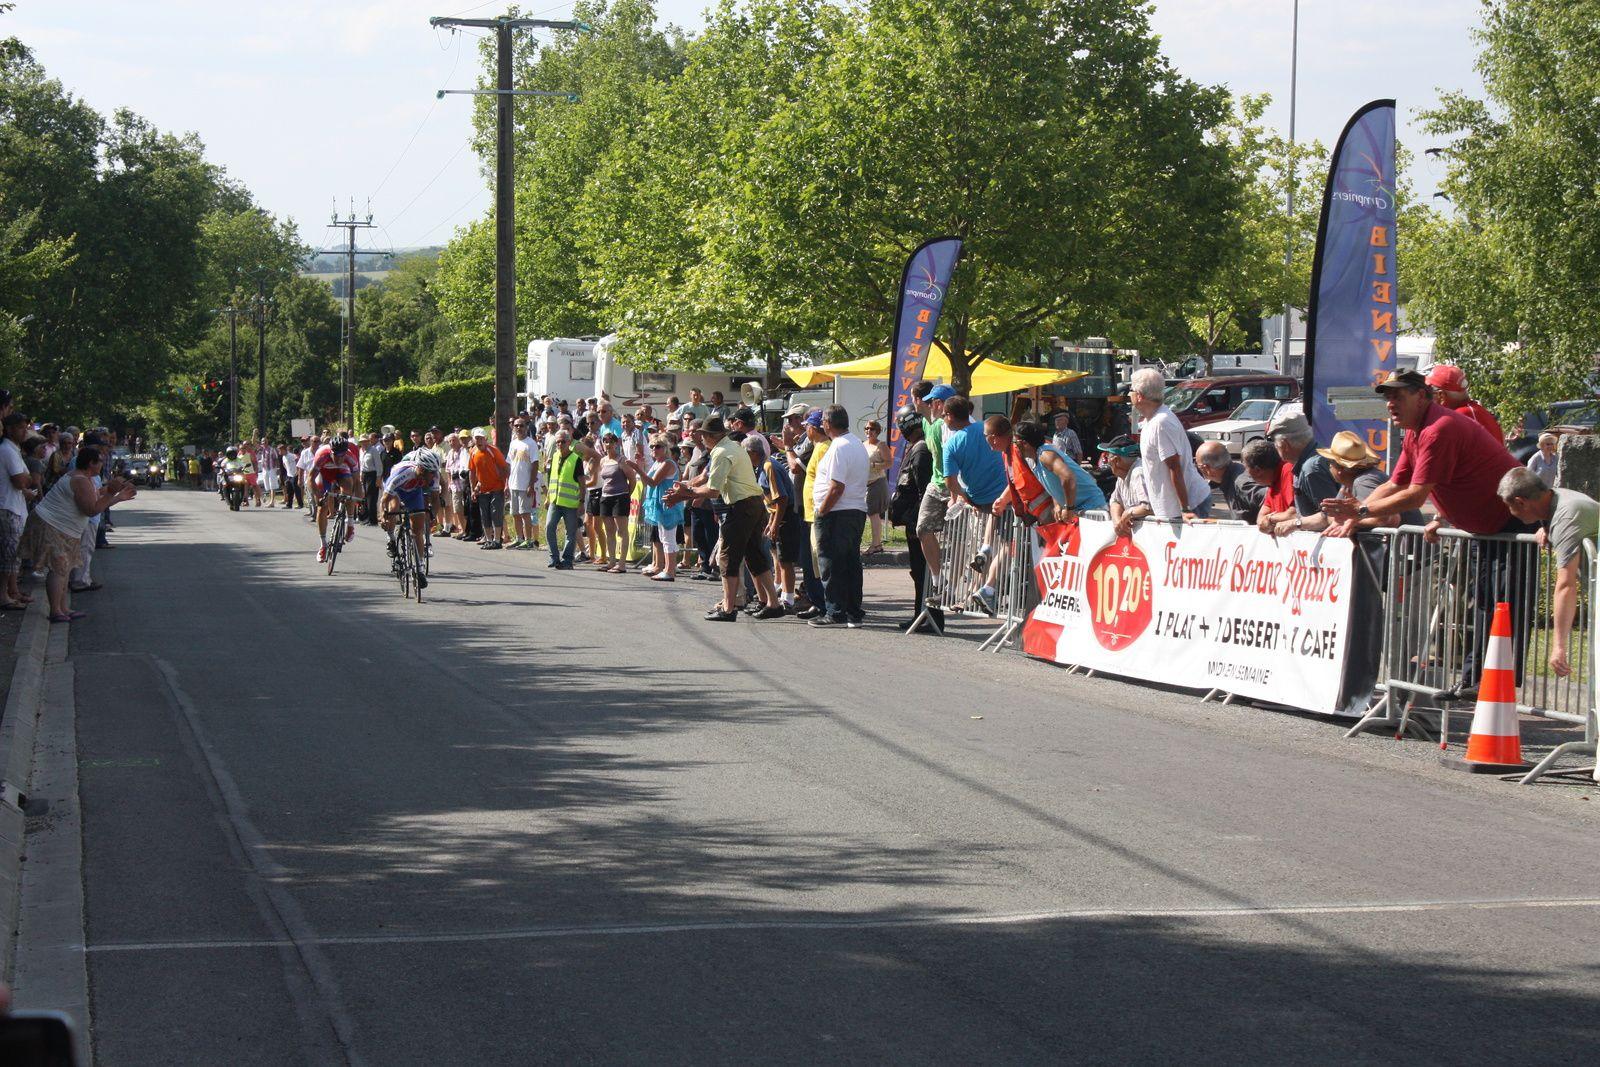 l'Arrivée  avec  la  victoire  Willy  PERROCHEAU (A  Pons-Gémozac C), 2e  Adrien  GOUJON(AC Jarnac-Aigre-Rouillac), 3e  Thibaut  NUNS(CO  La Couronne) le  vainqueur  des Boucles de l'Arnoult 2013